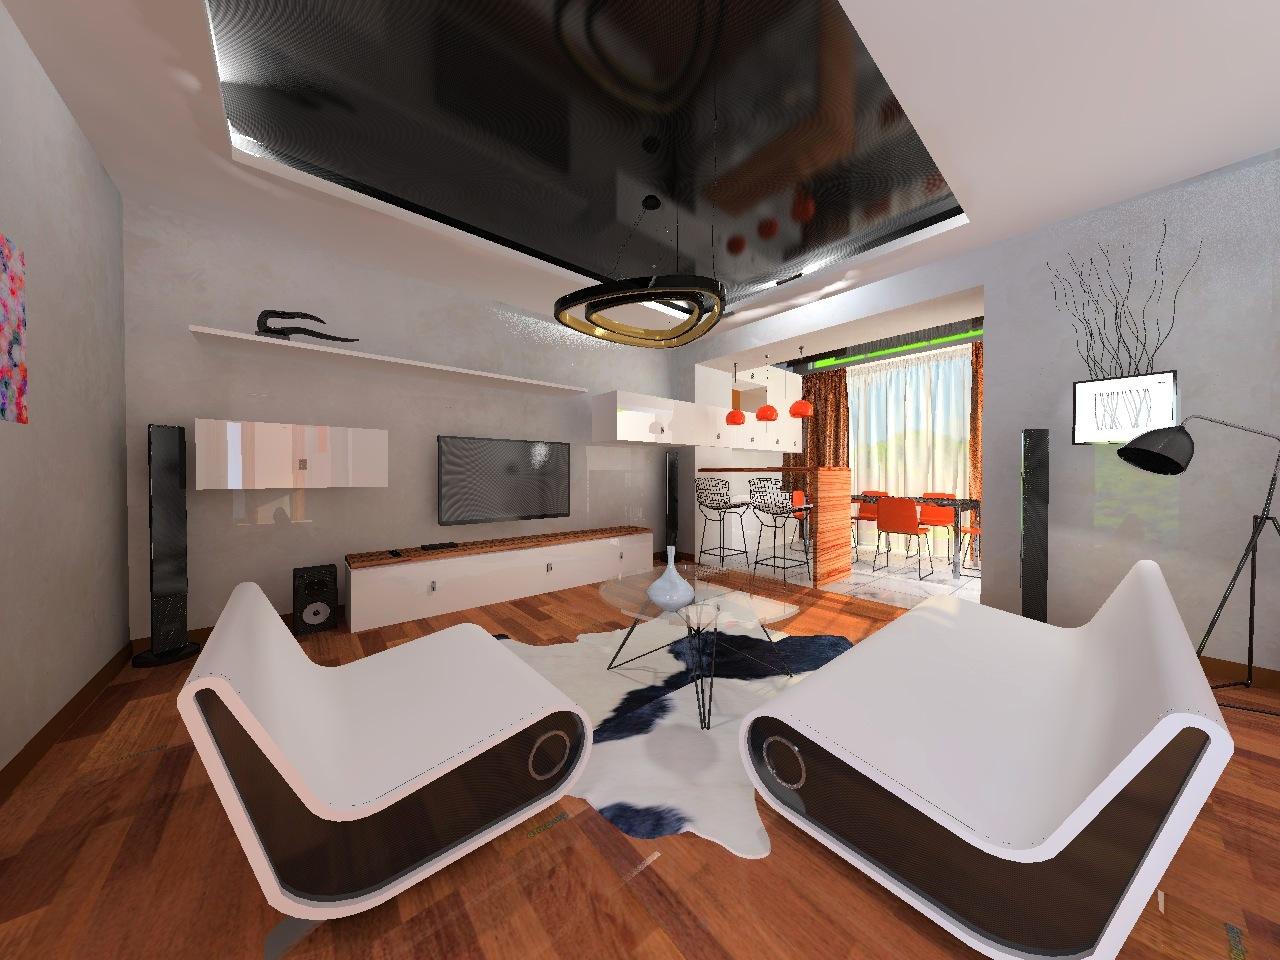 Дизайн проект интерьера первого уровня квартиры 69,9 м.кв. фото f_7035a577b037fb64.jpg